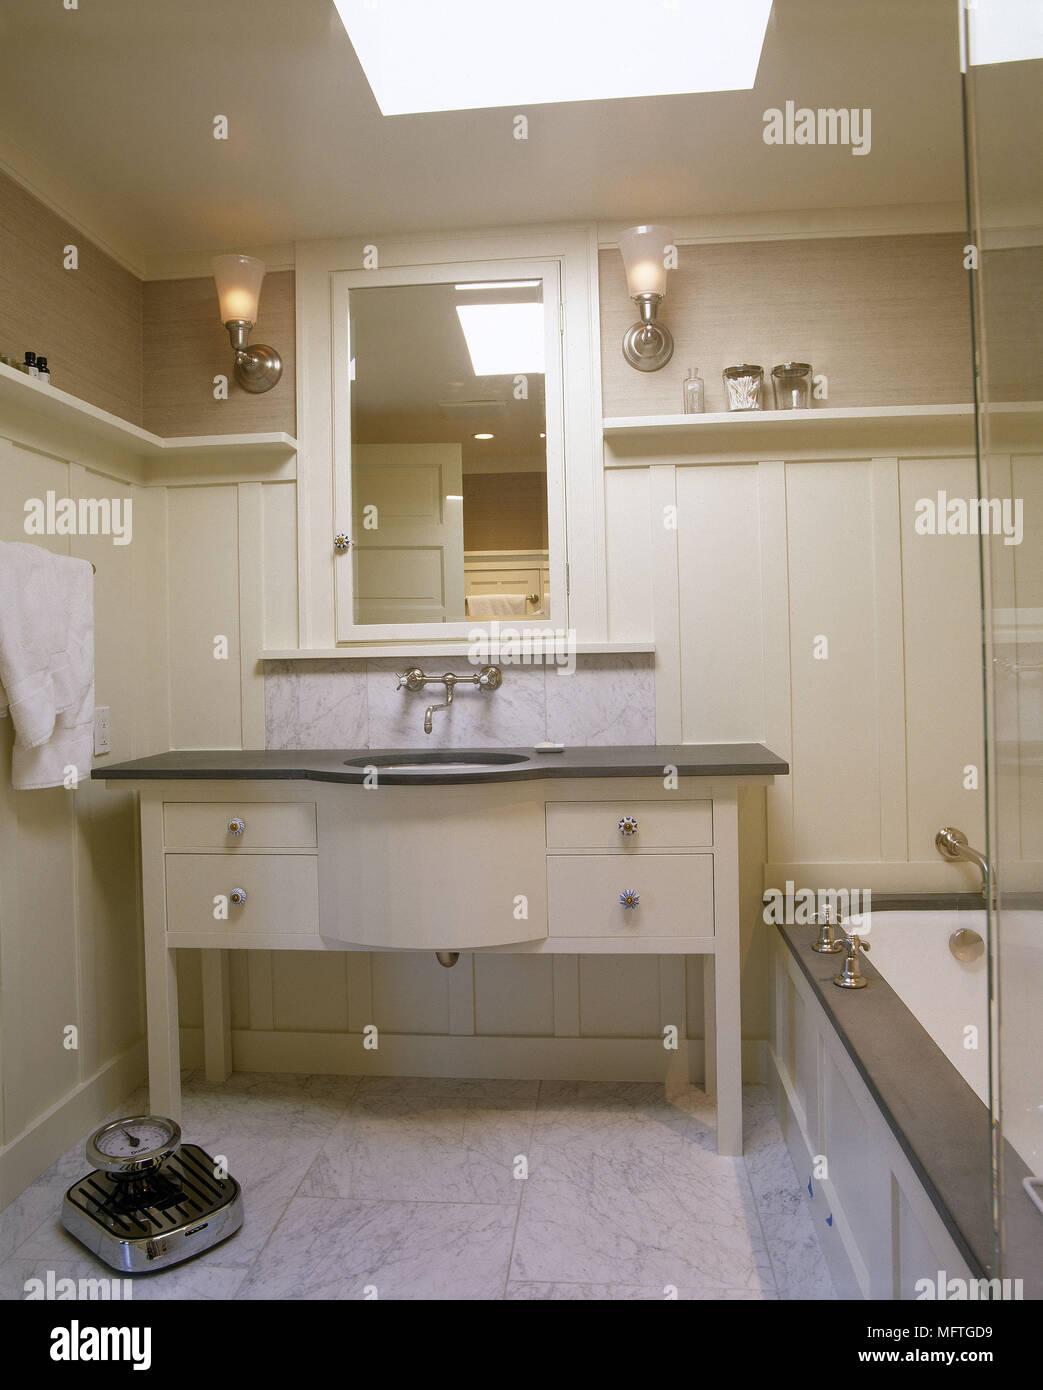 Badezimmer Set Mit Waschbecken Waschbecken Schrank Im